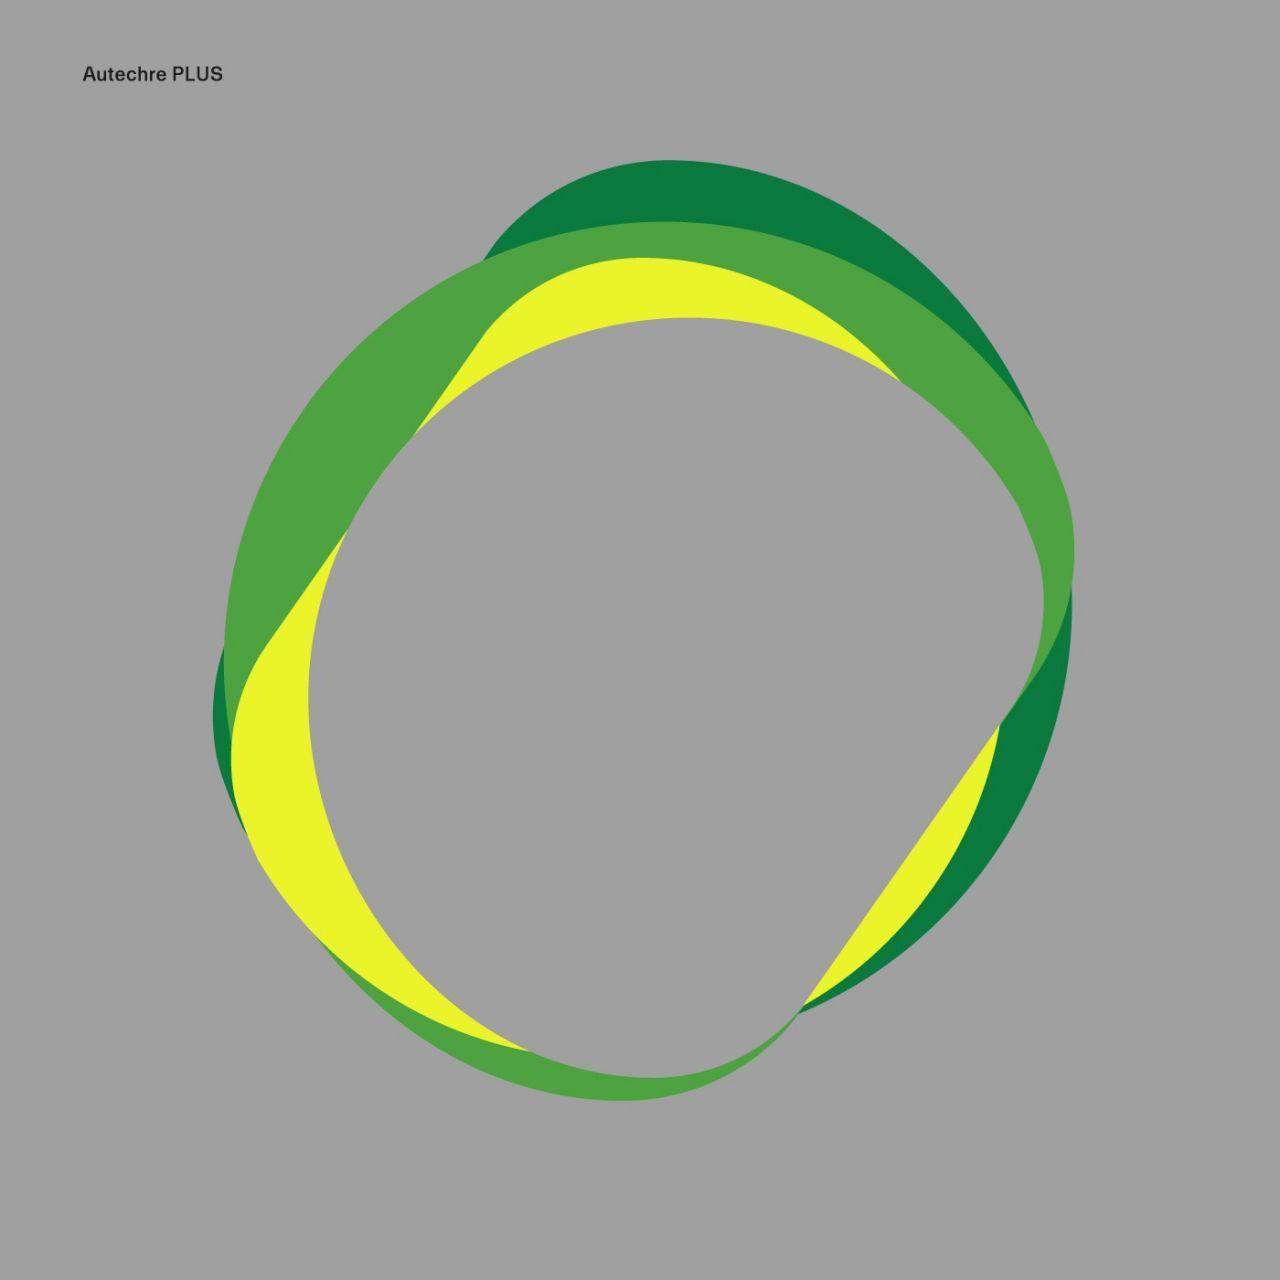 Autechre - PLUS - CD